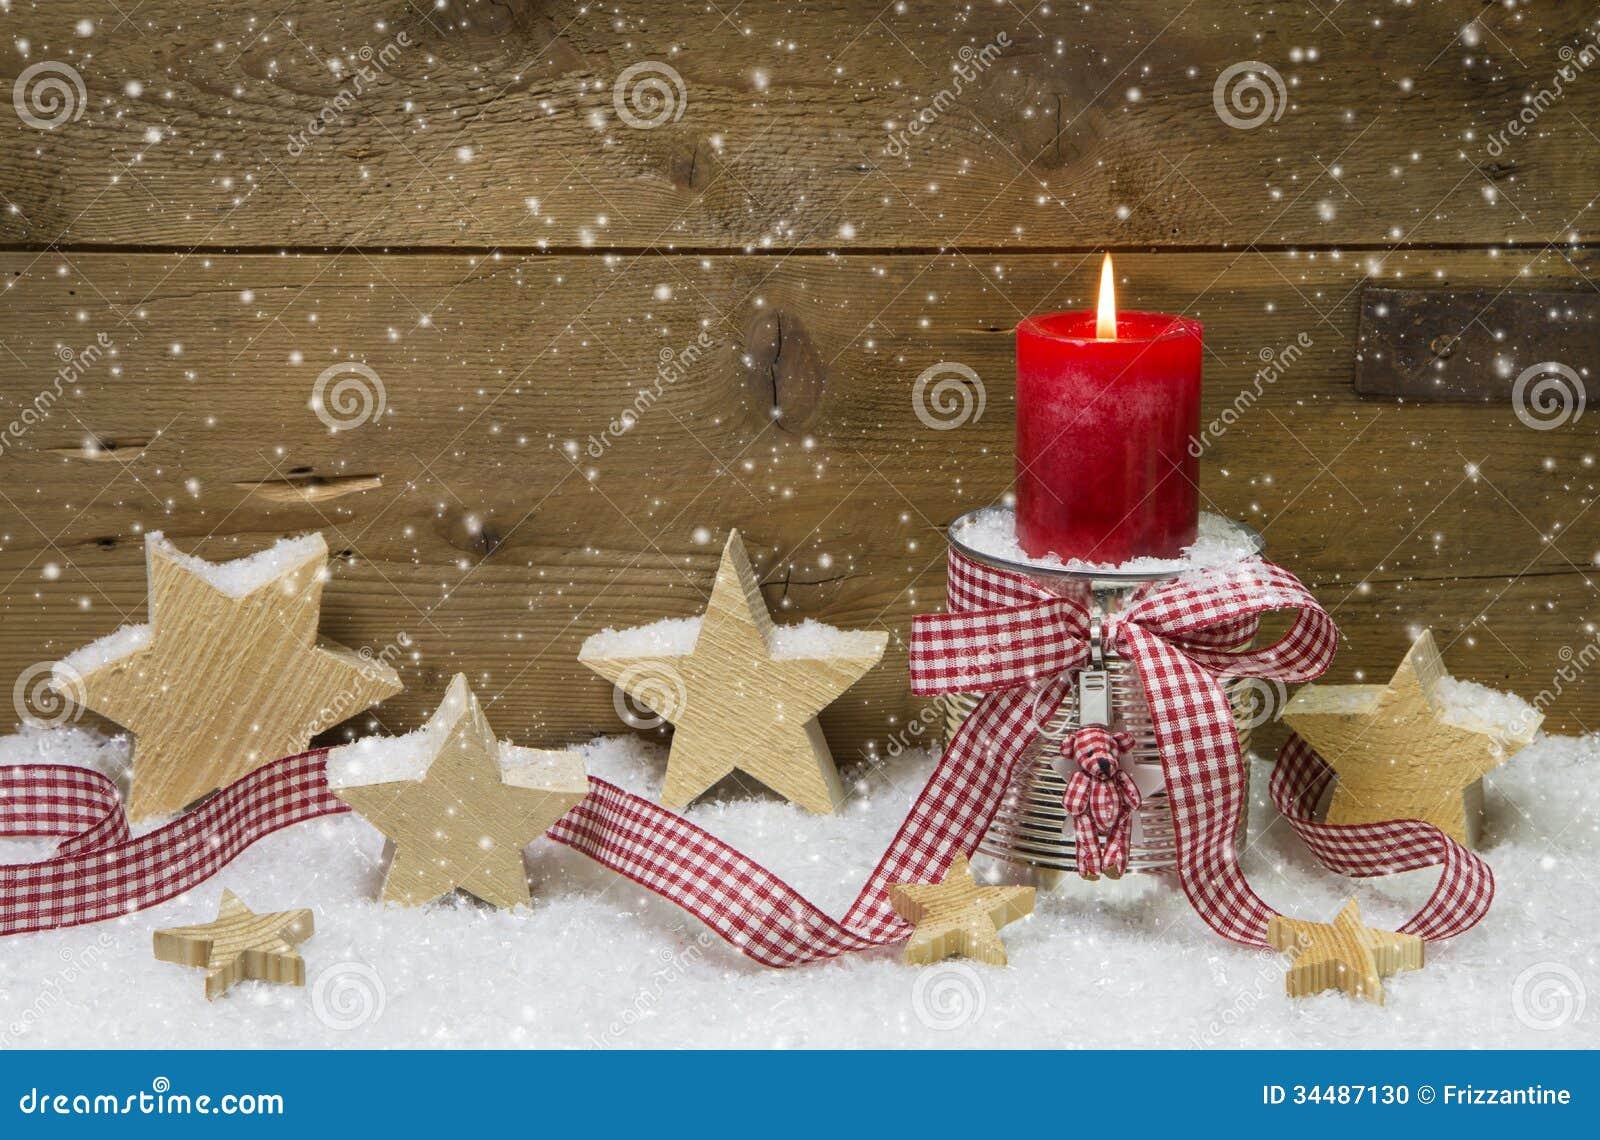 D coration de no l en rouge et blanc avec une bougie photo - Decoration noel rouge et blanc ...